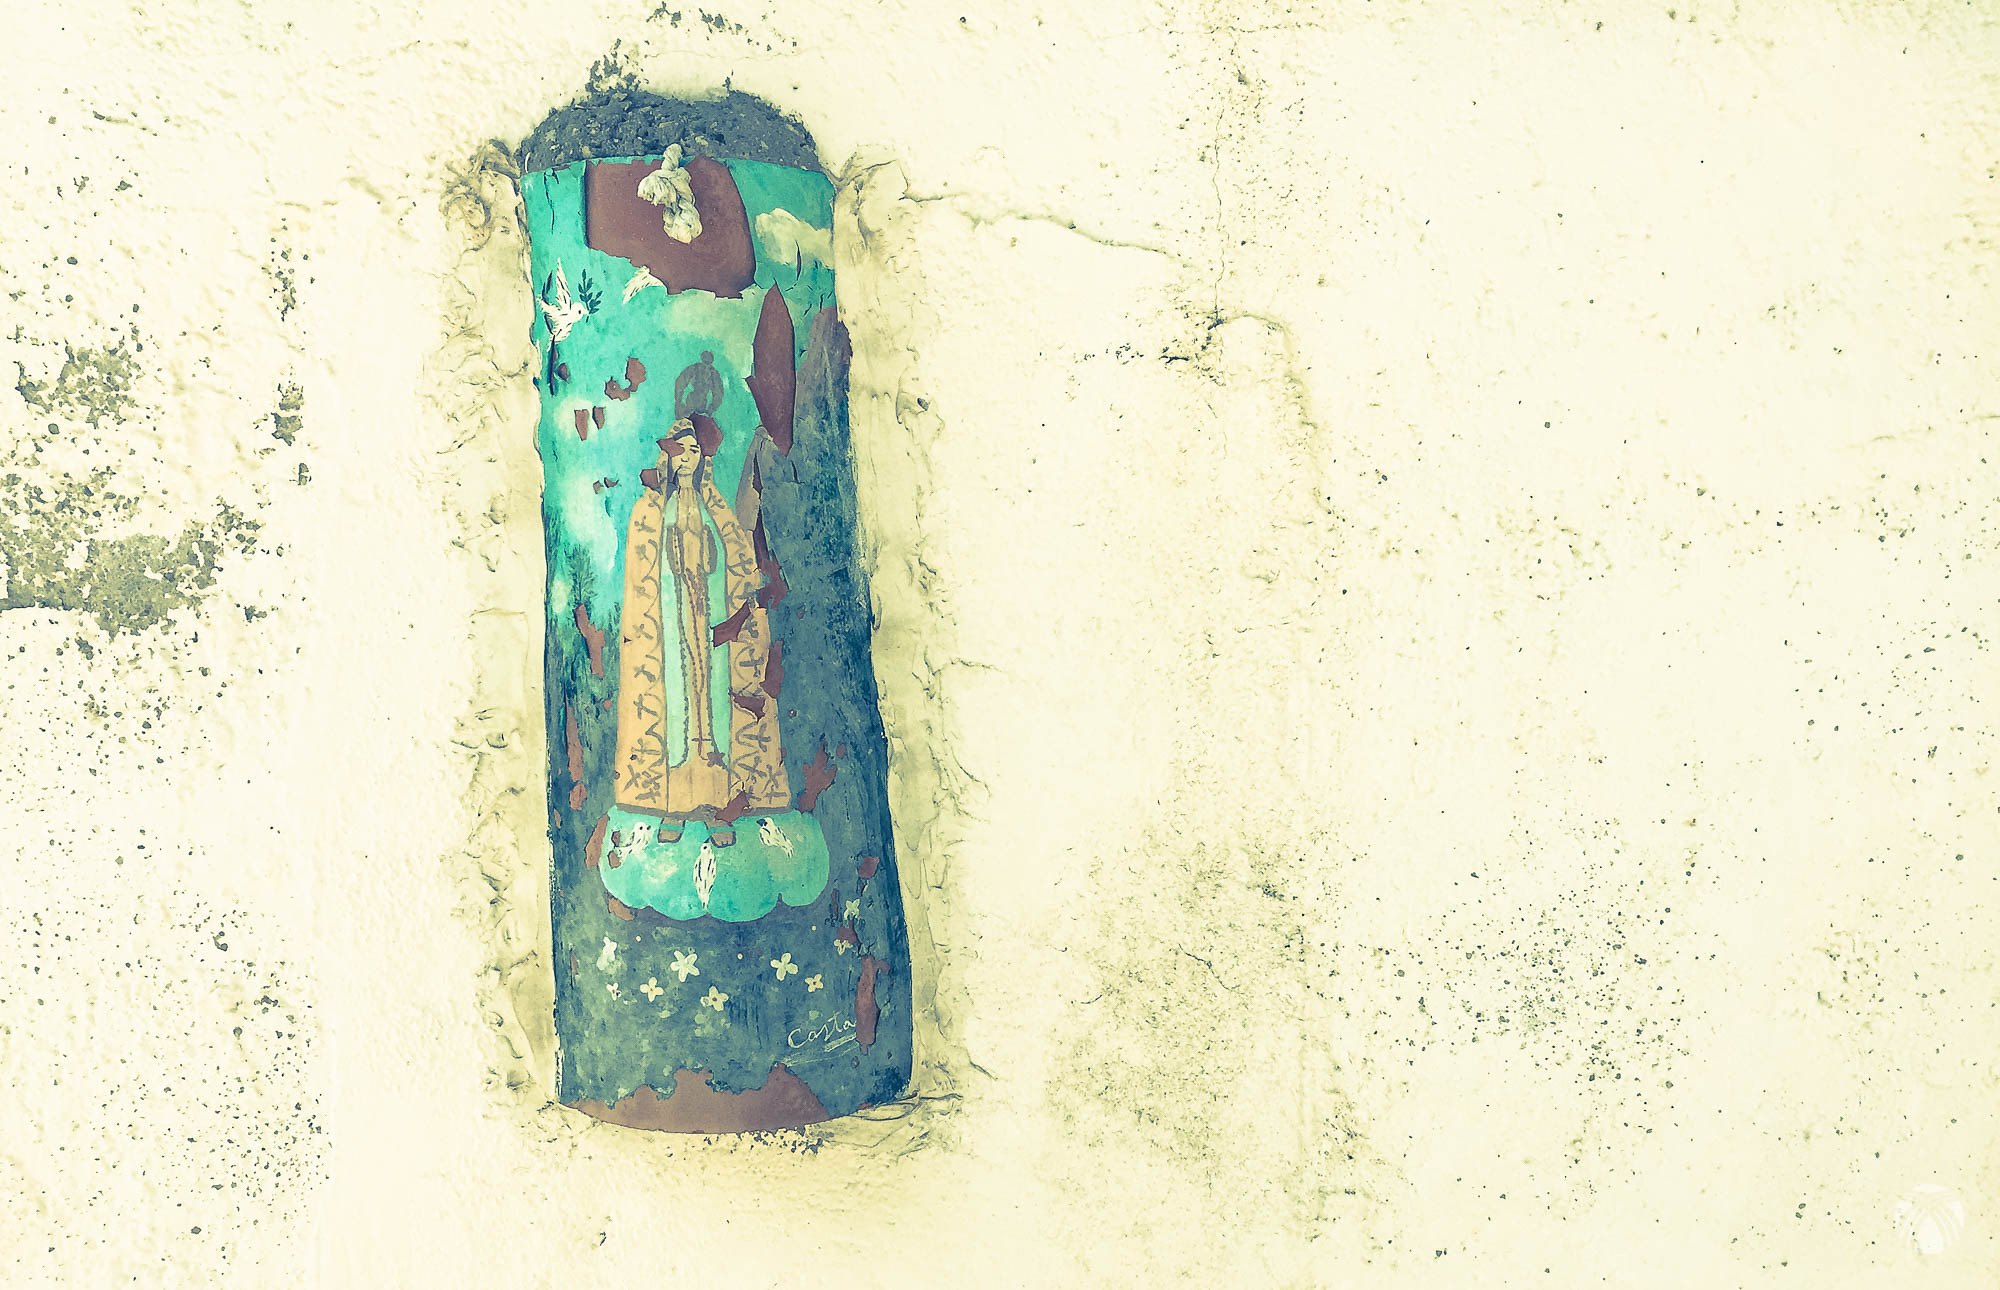 La Virgen de Fátima en una fuente